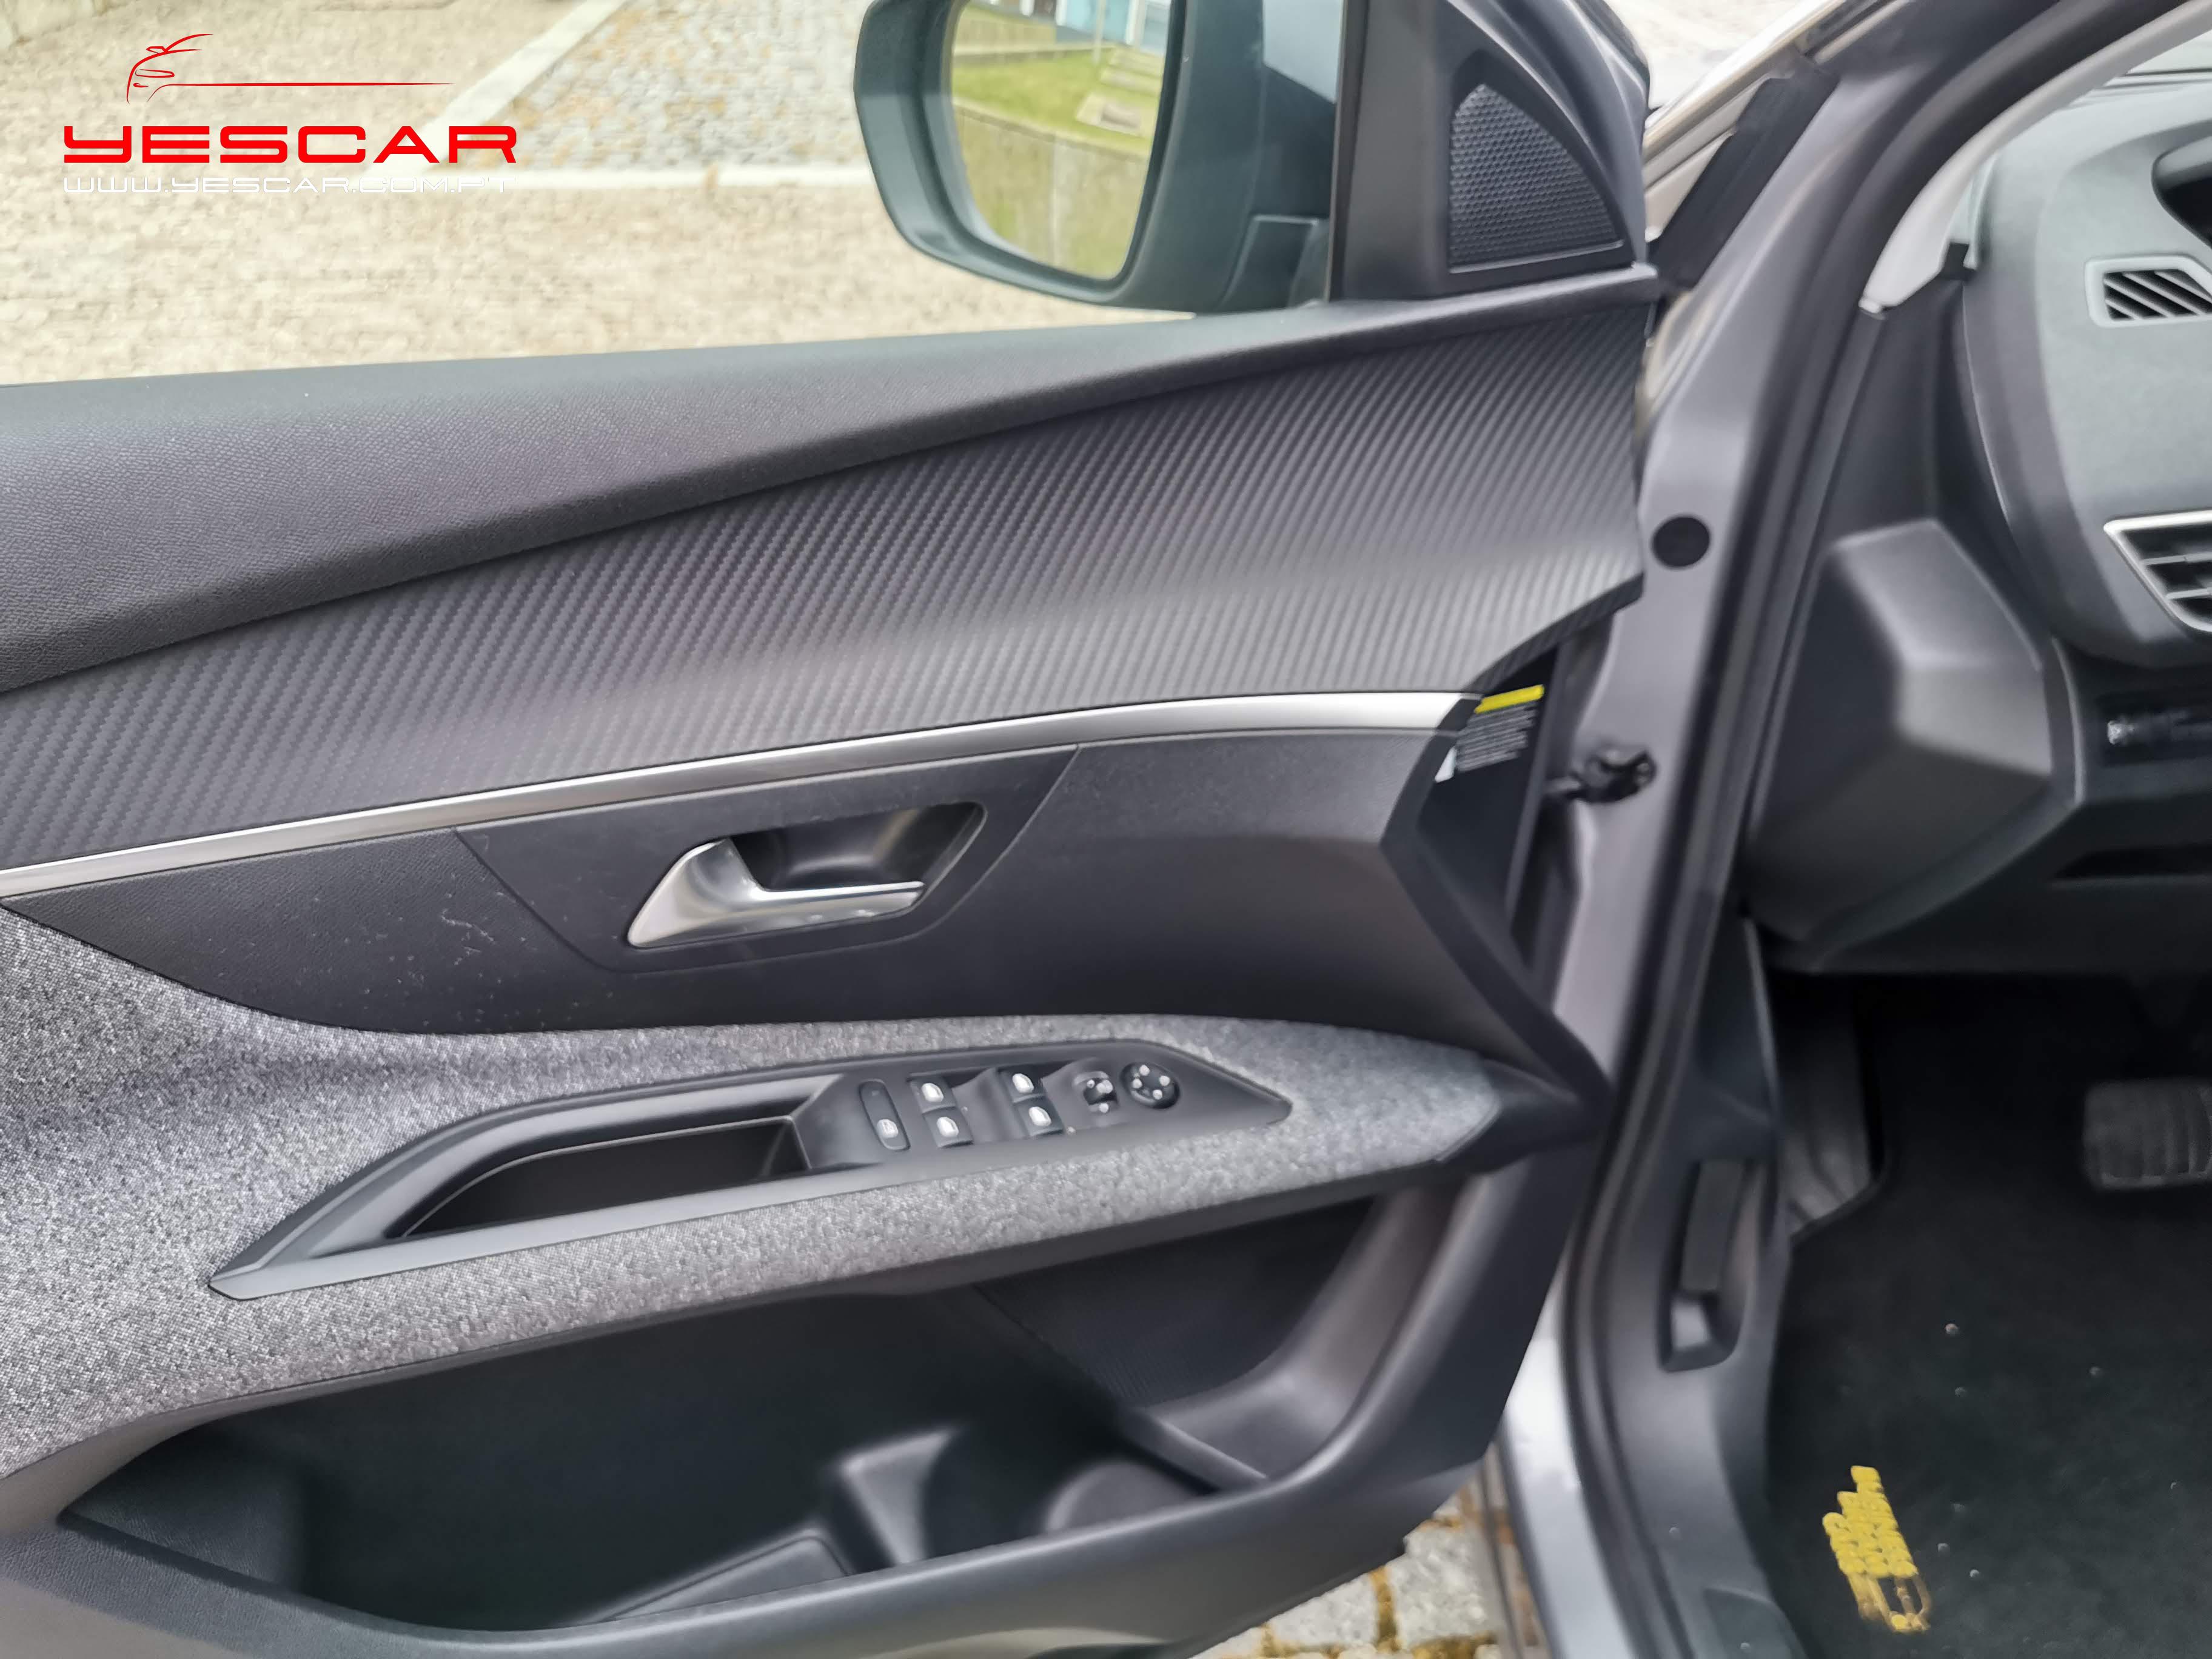 YESCAR_Peugeot 3008 (12)